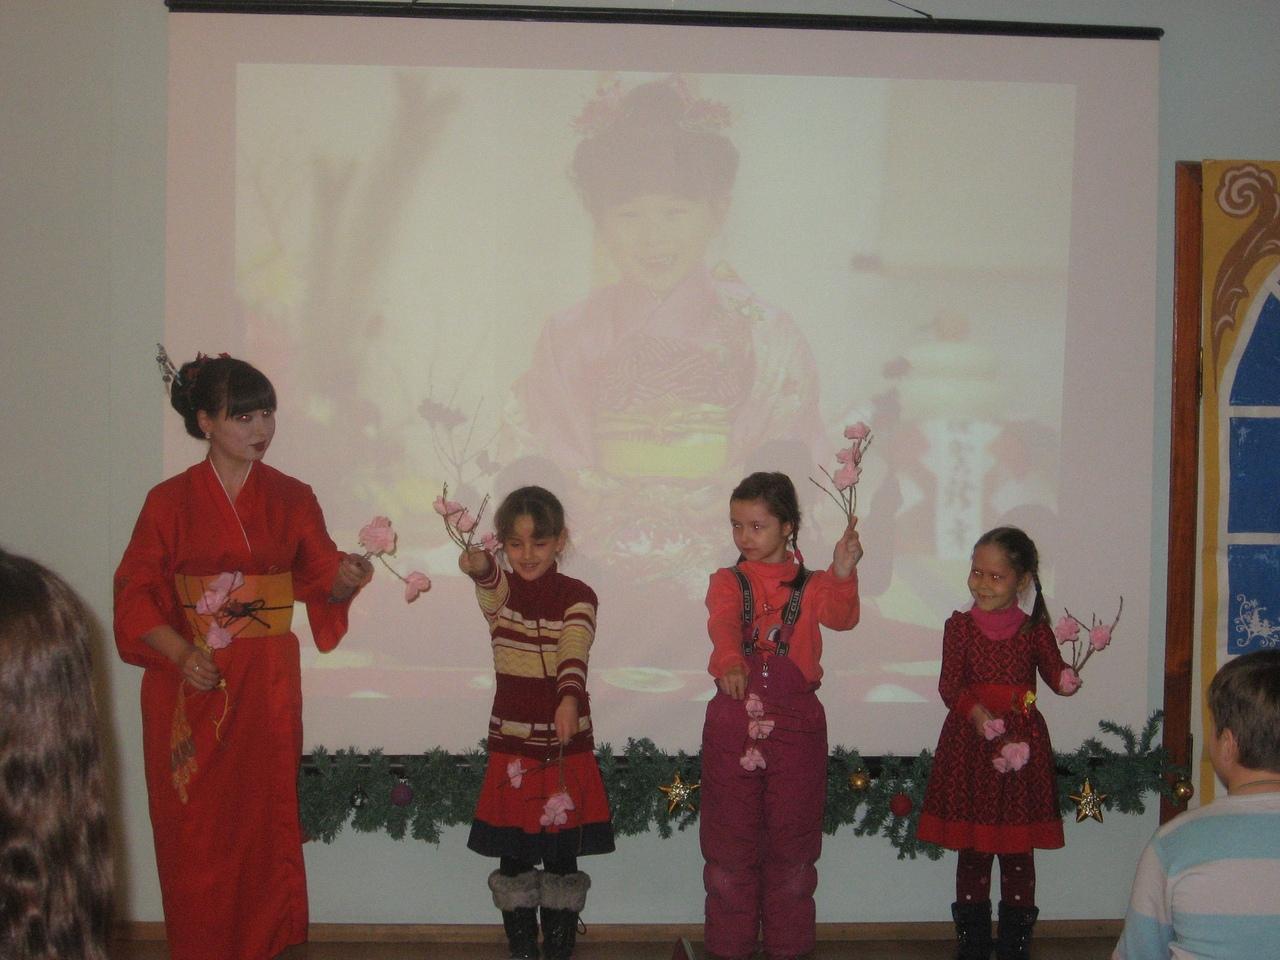 сектор организации досуга для детей, Донецкая республиканская библиотека для детей, снежная сказка зимы, праздник для детей военнослужащих, новый год